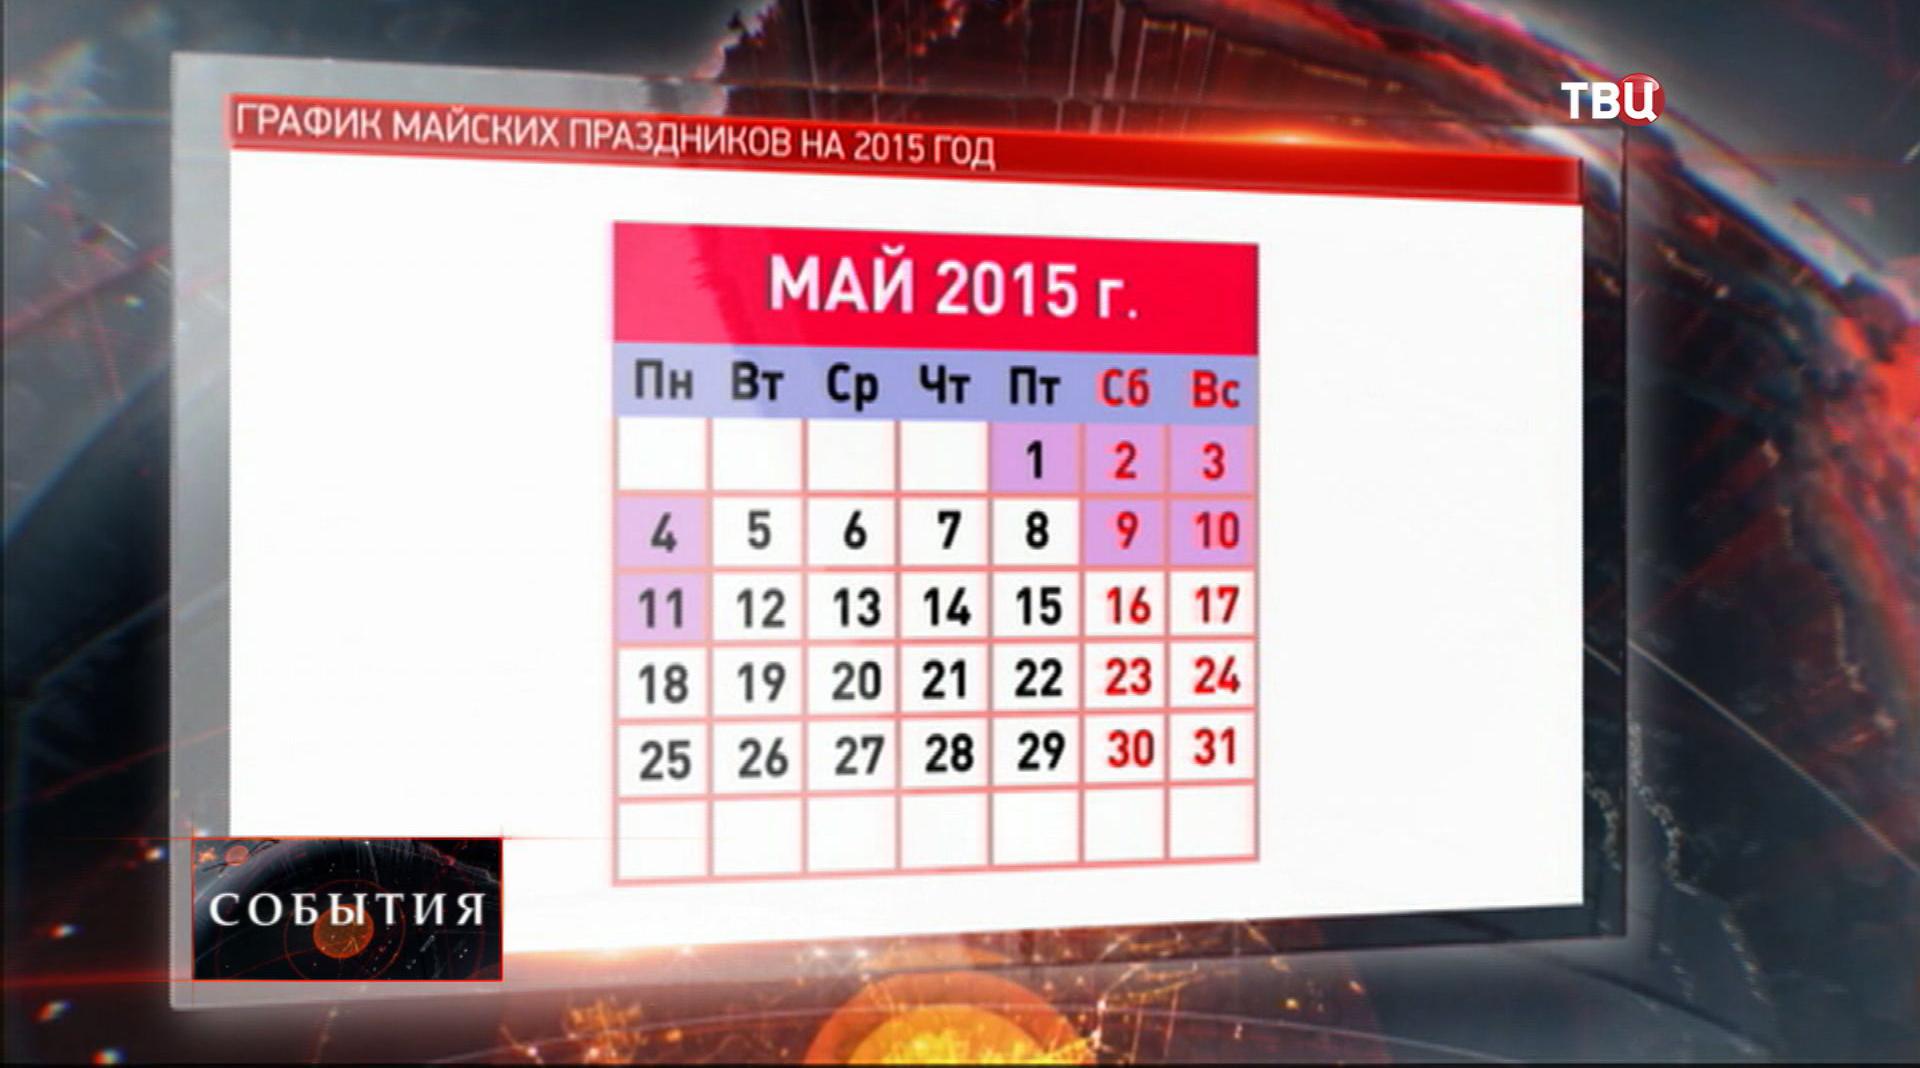 Календарь праздничных дней в мае 2015